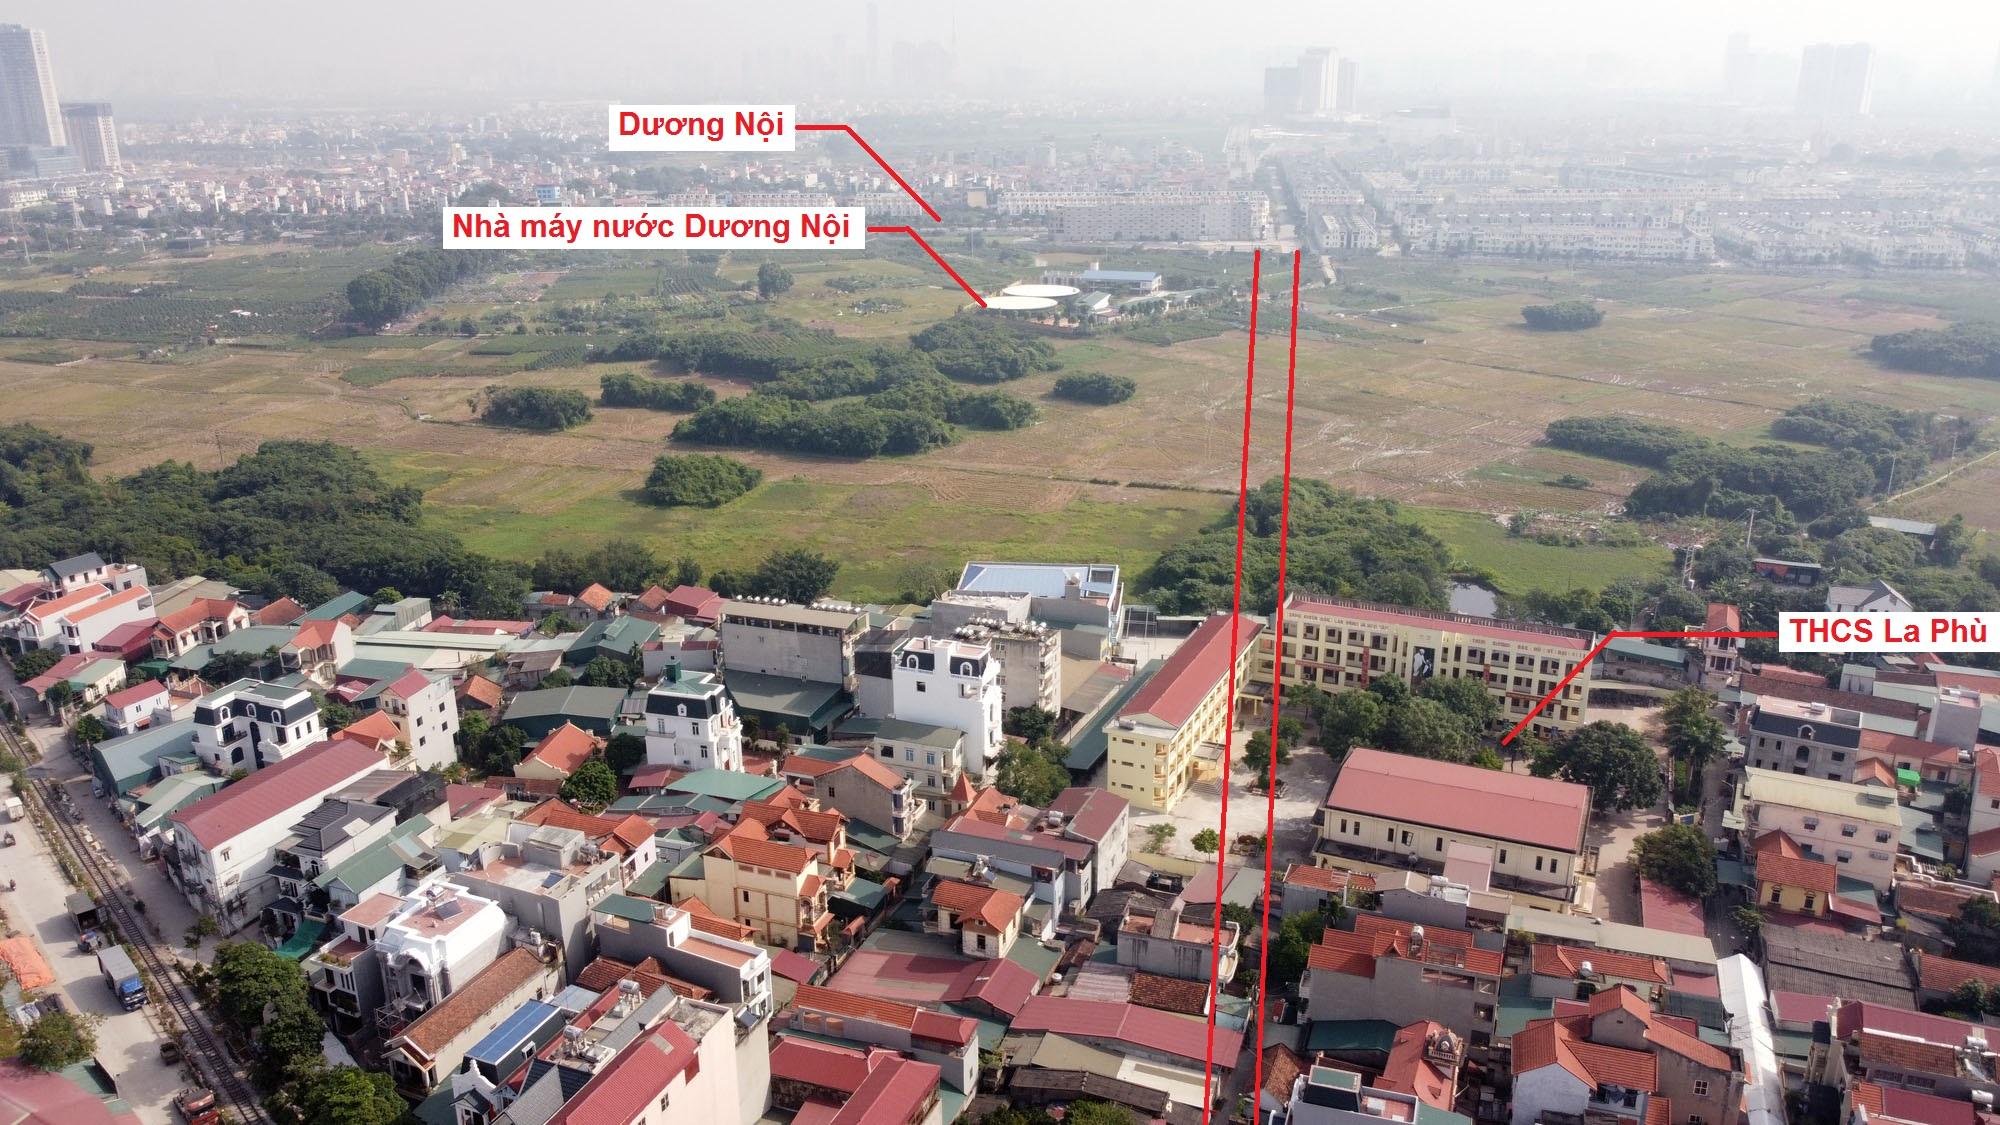 Ba đường sẽ mở theo qui hoạch ở xã La Phù, Hoài Đức, Hà Nội - Ảnh 3.